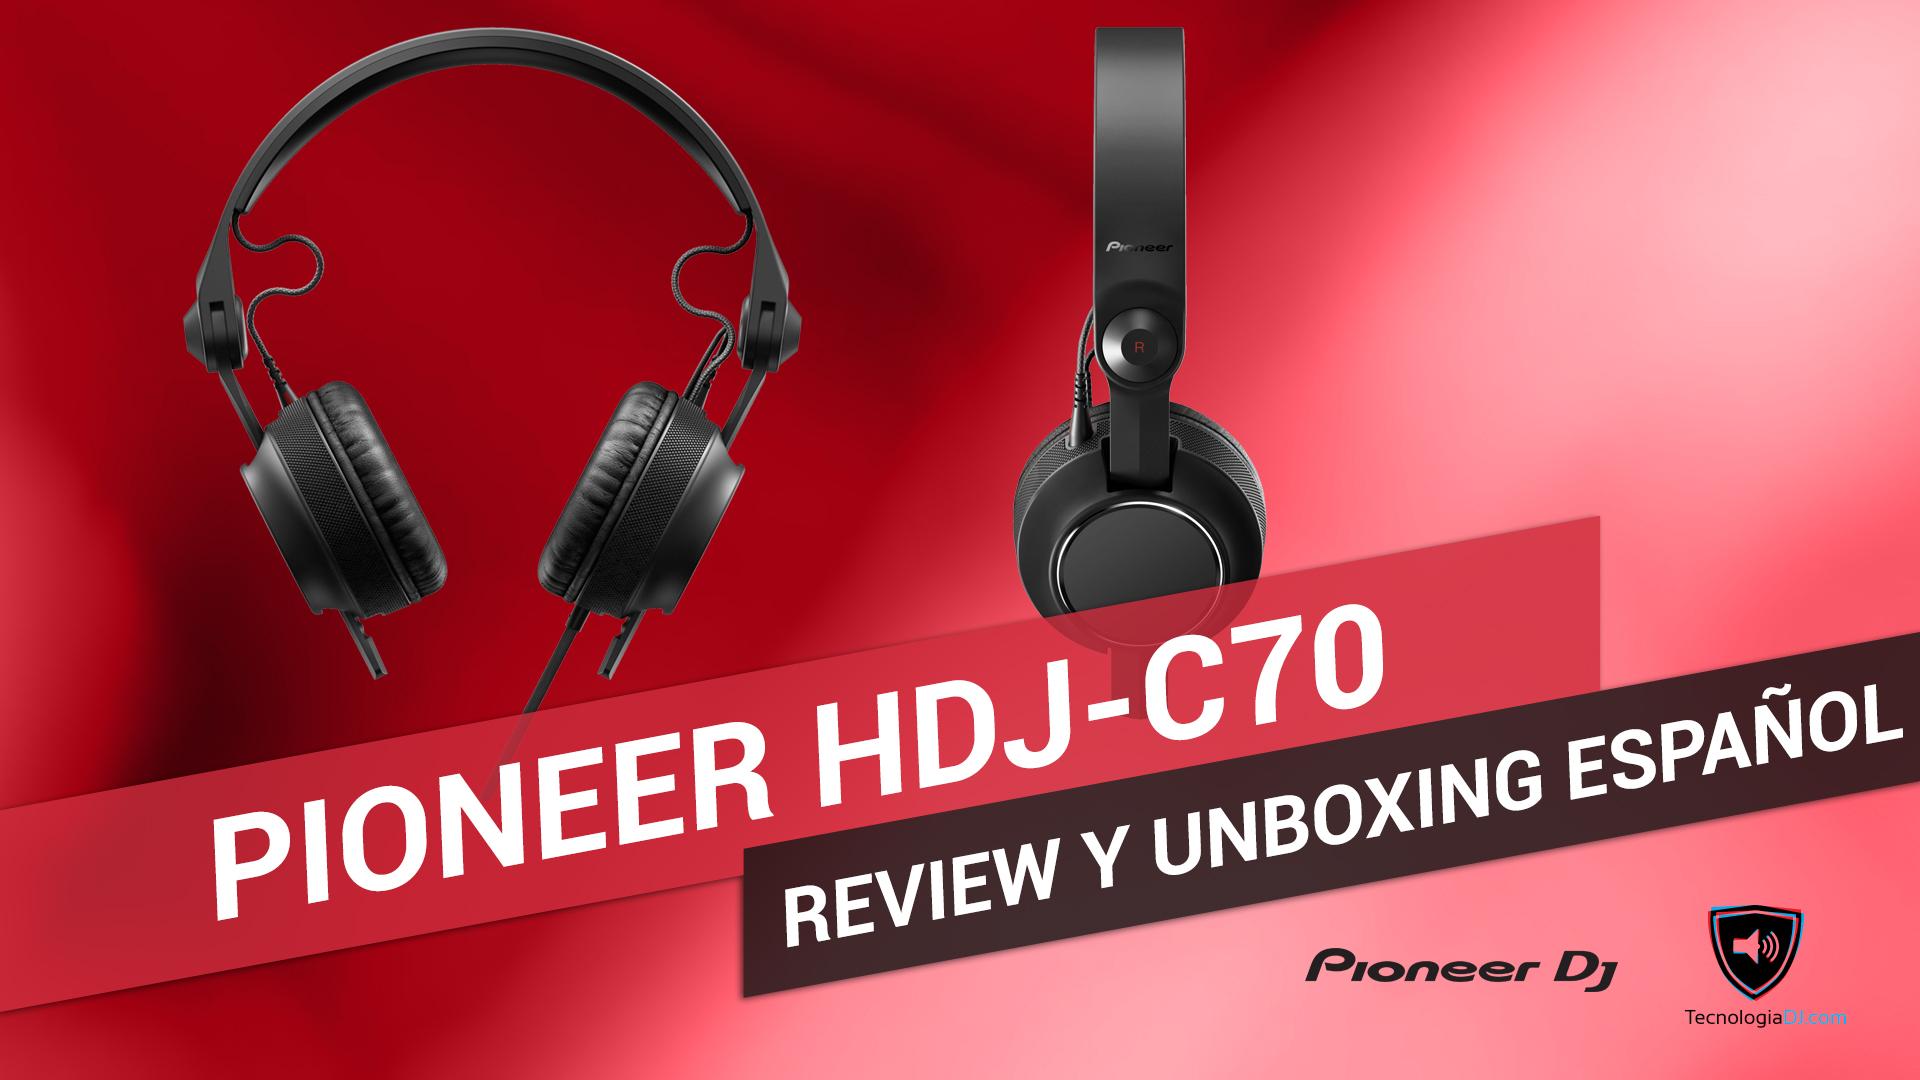 Review y unboxing en español auriculares Pioneer HDJ-C70